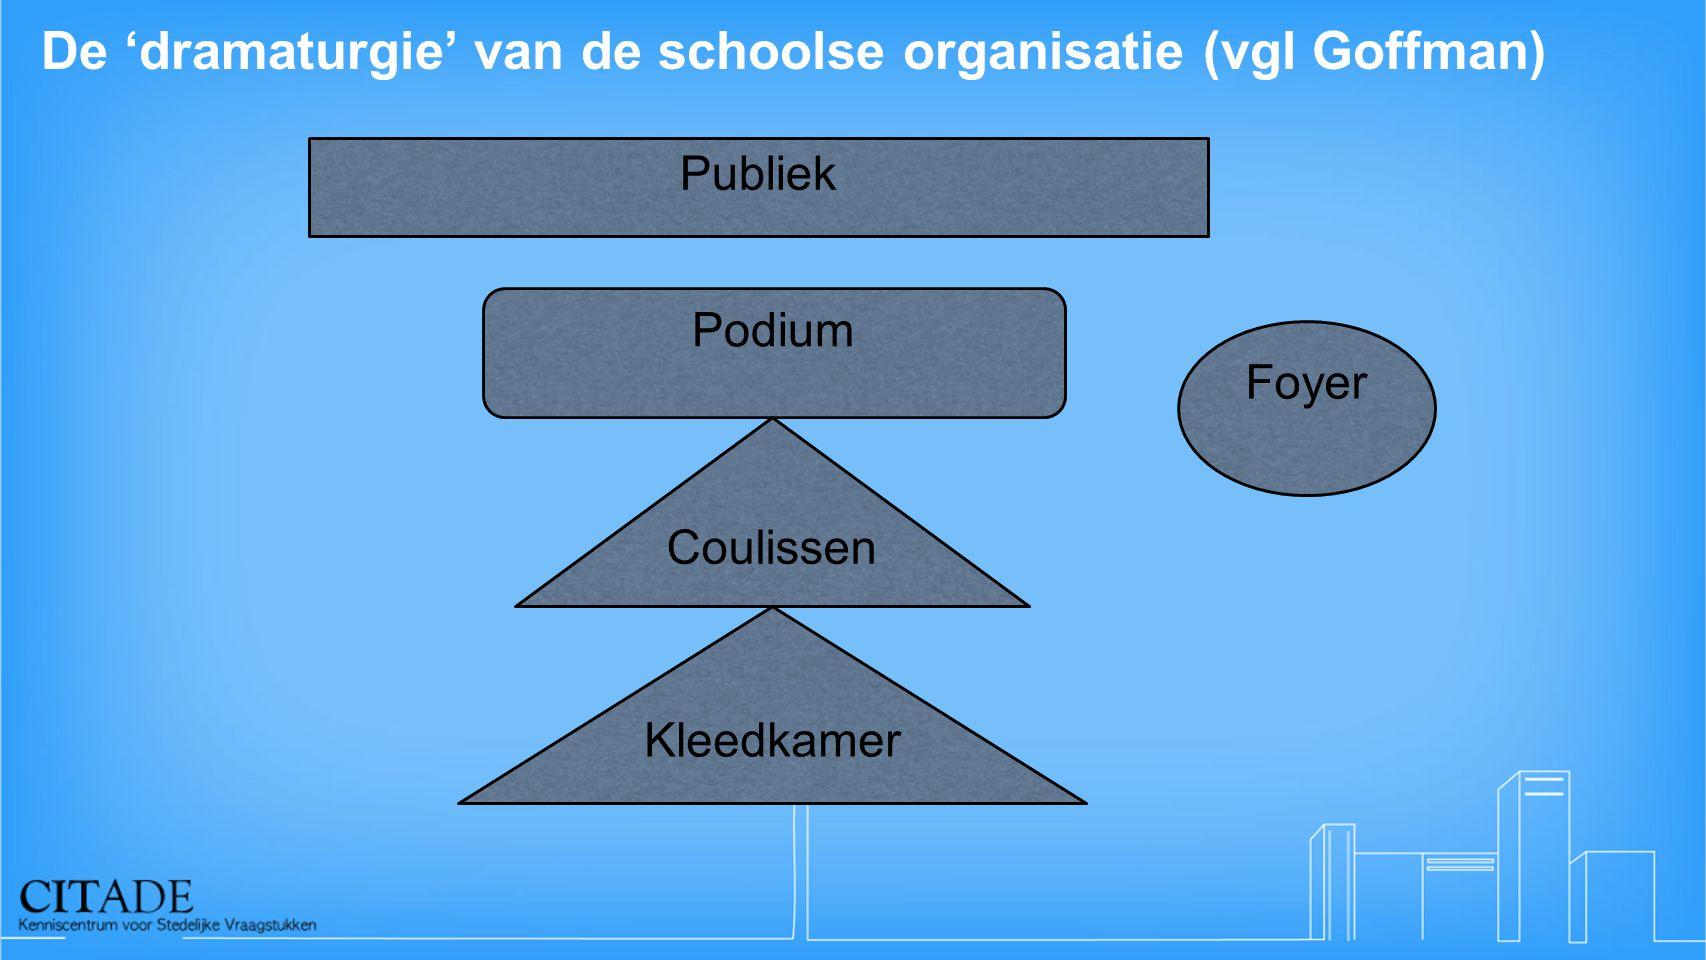 De 'dramaturgie' van de schoolse organisatie (vgl Goffman) Publiek Foyer Podium Coulissen Kleedkamer